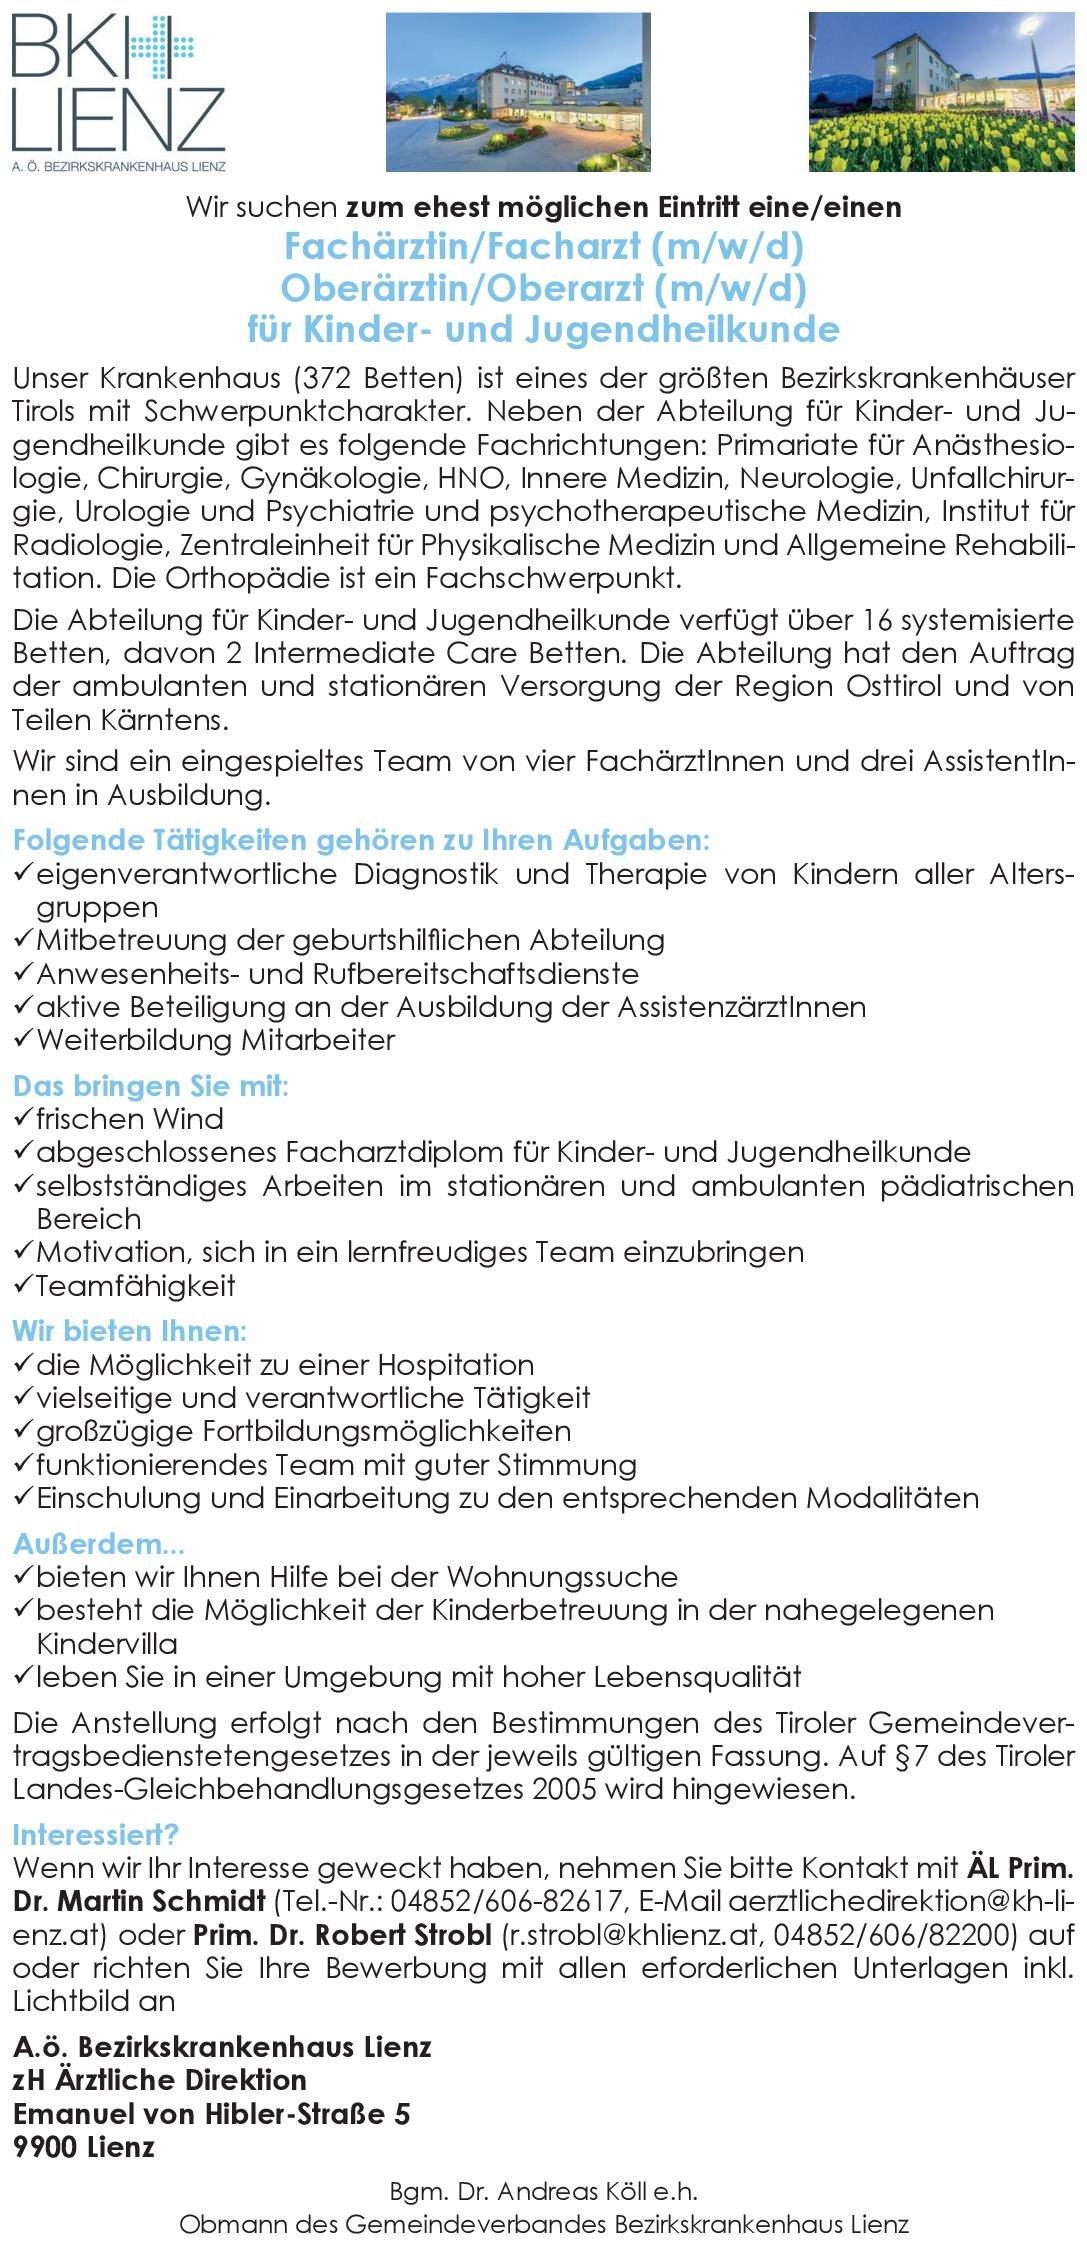 Bezirkskrankenhaus Lienz/Tirol Fachärztin/Facharzt (m/w/d) für Kinder- und Jugendheilkunde  Kinder- und Jugendmedizin, Kinder- und Jugendmedizin Arzt / Facharzt